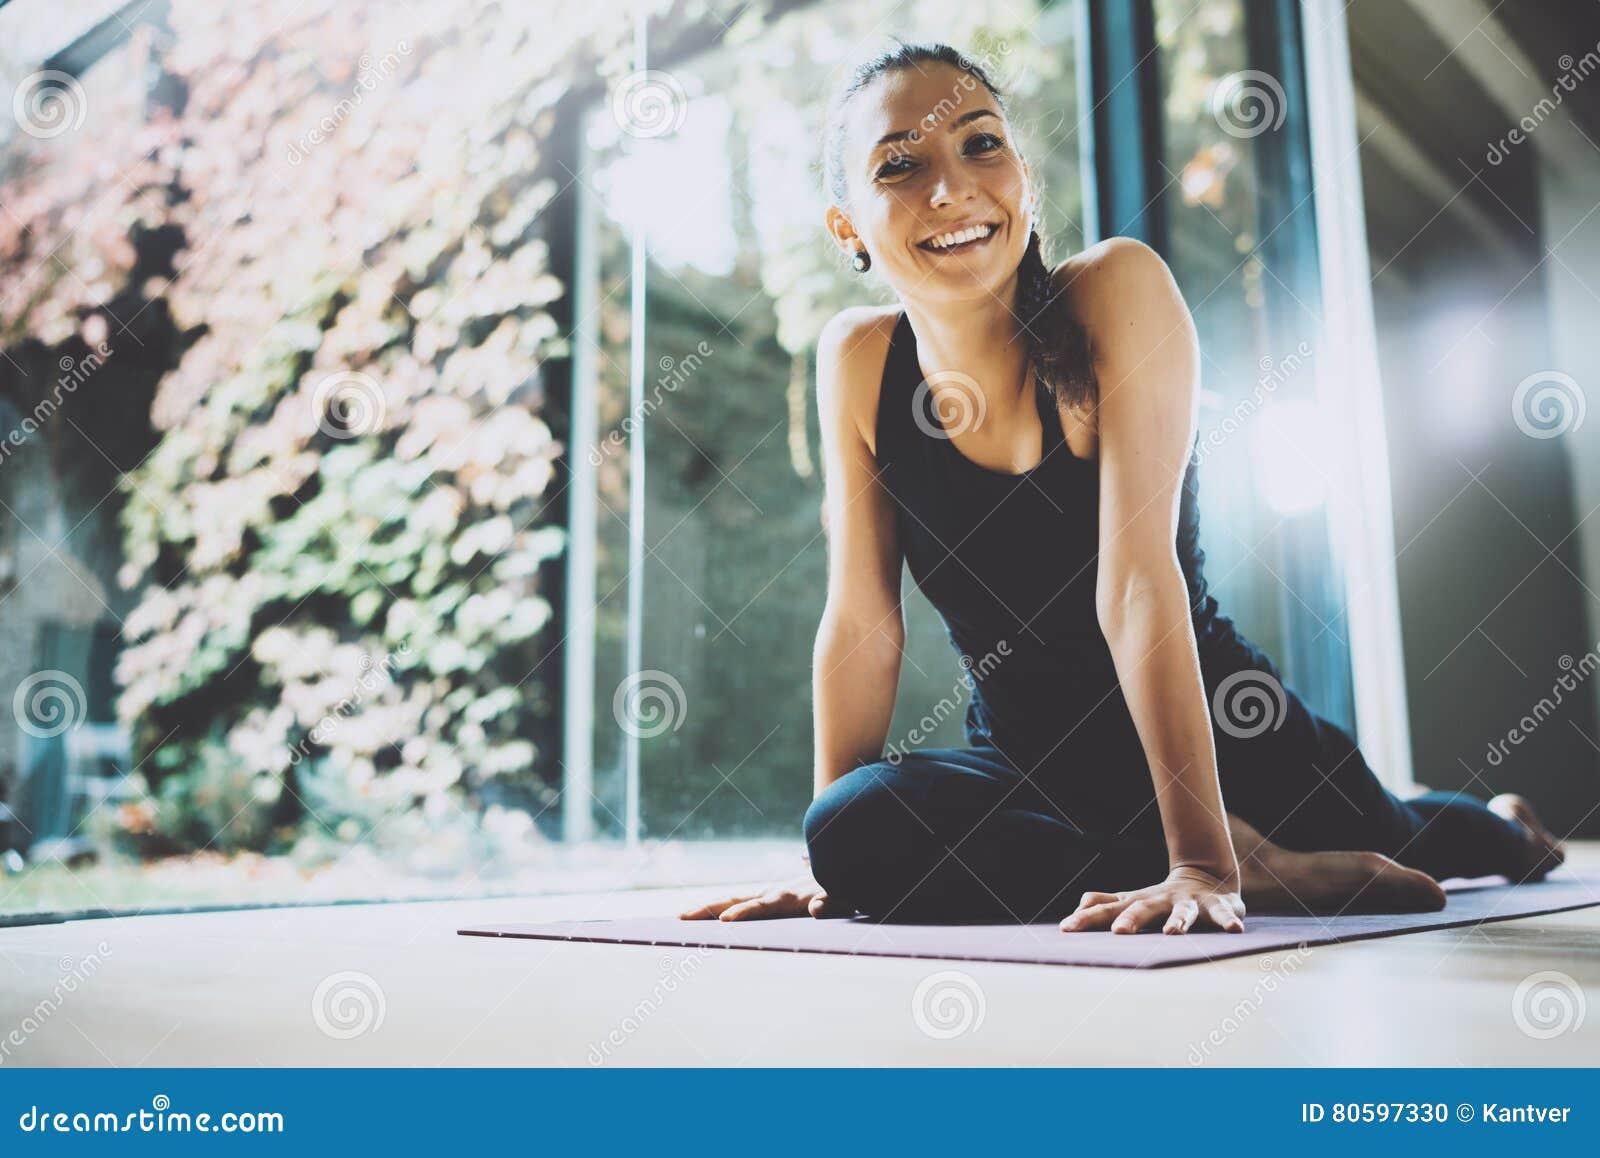 Portret wspaniałej młodej kobiety ćwiczy joga salowy Piękna dziewczyna ono uśmiecha się podczas praktyki klasy Calmness i relaksu